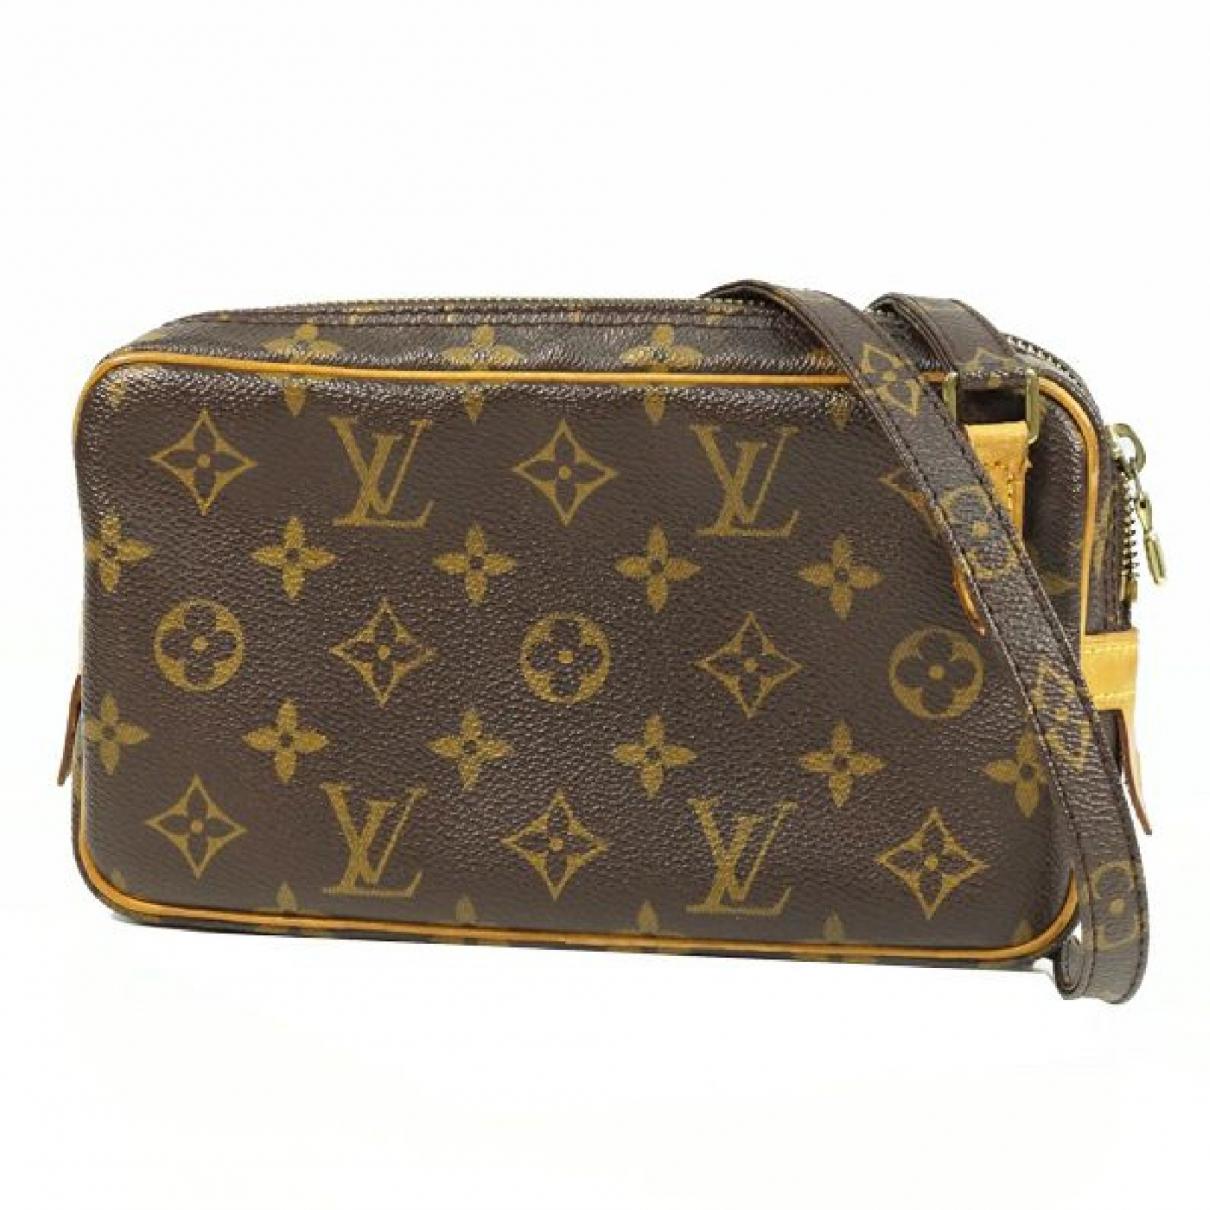 Louis Vuitton Marly Cloth handbag for Women N